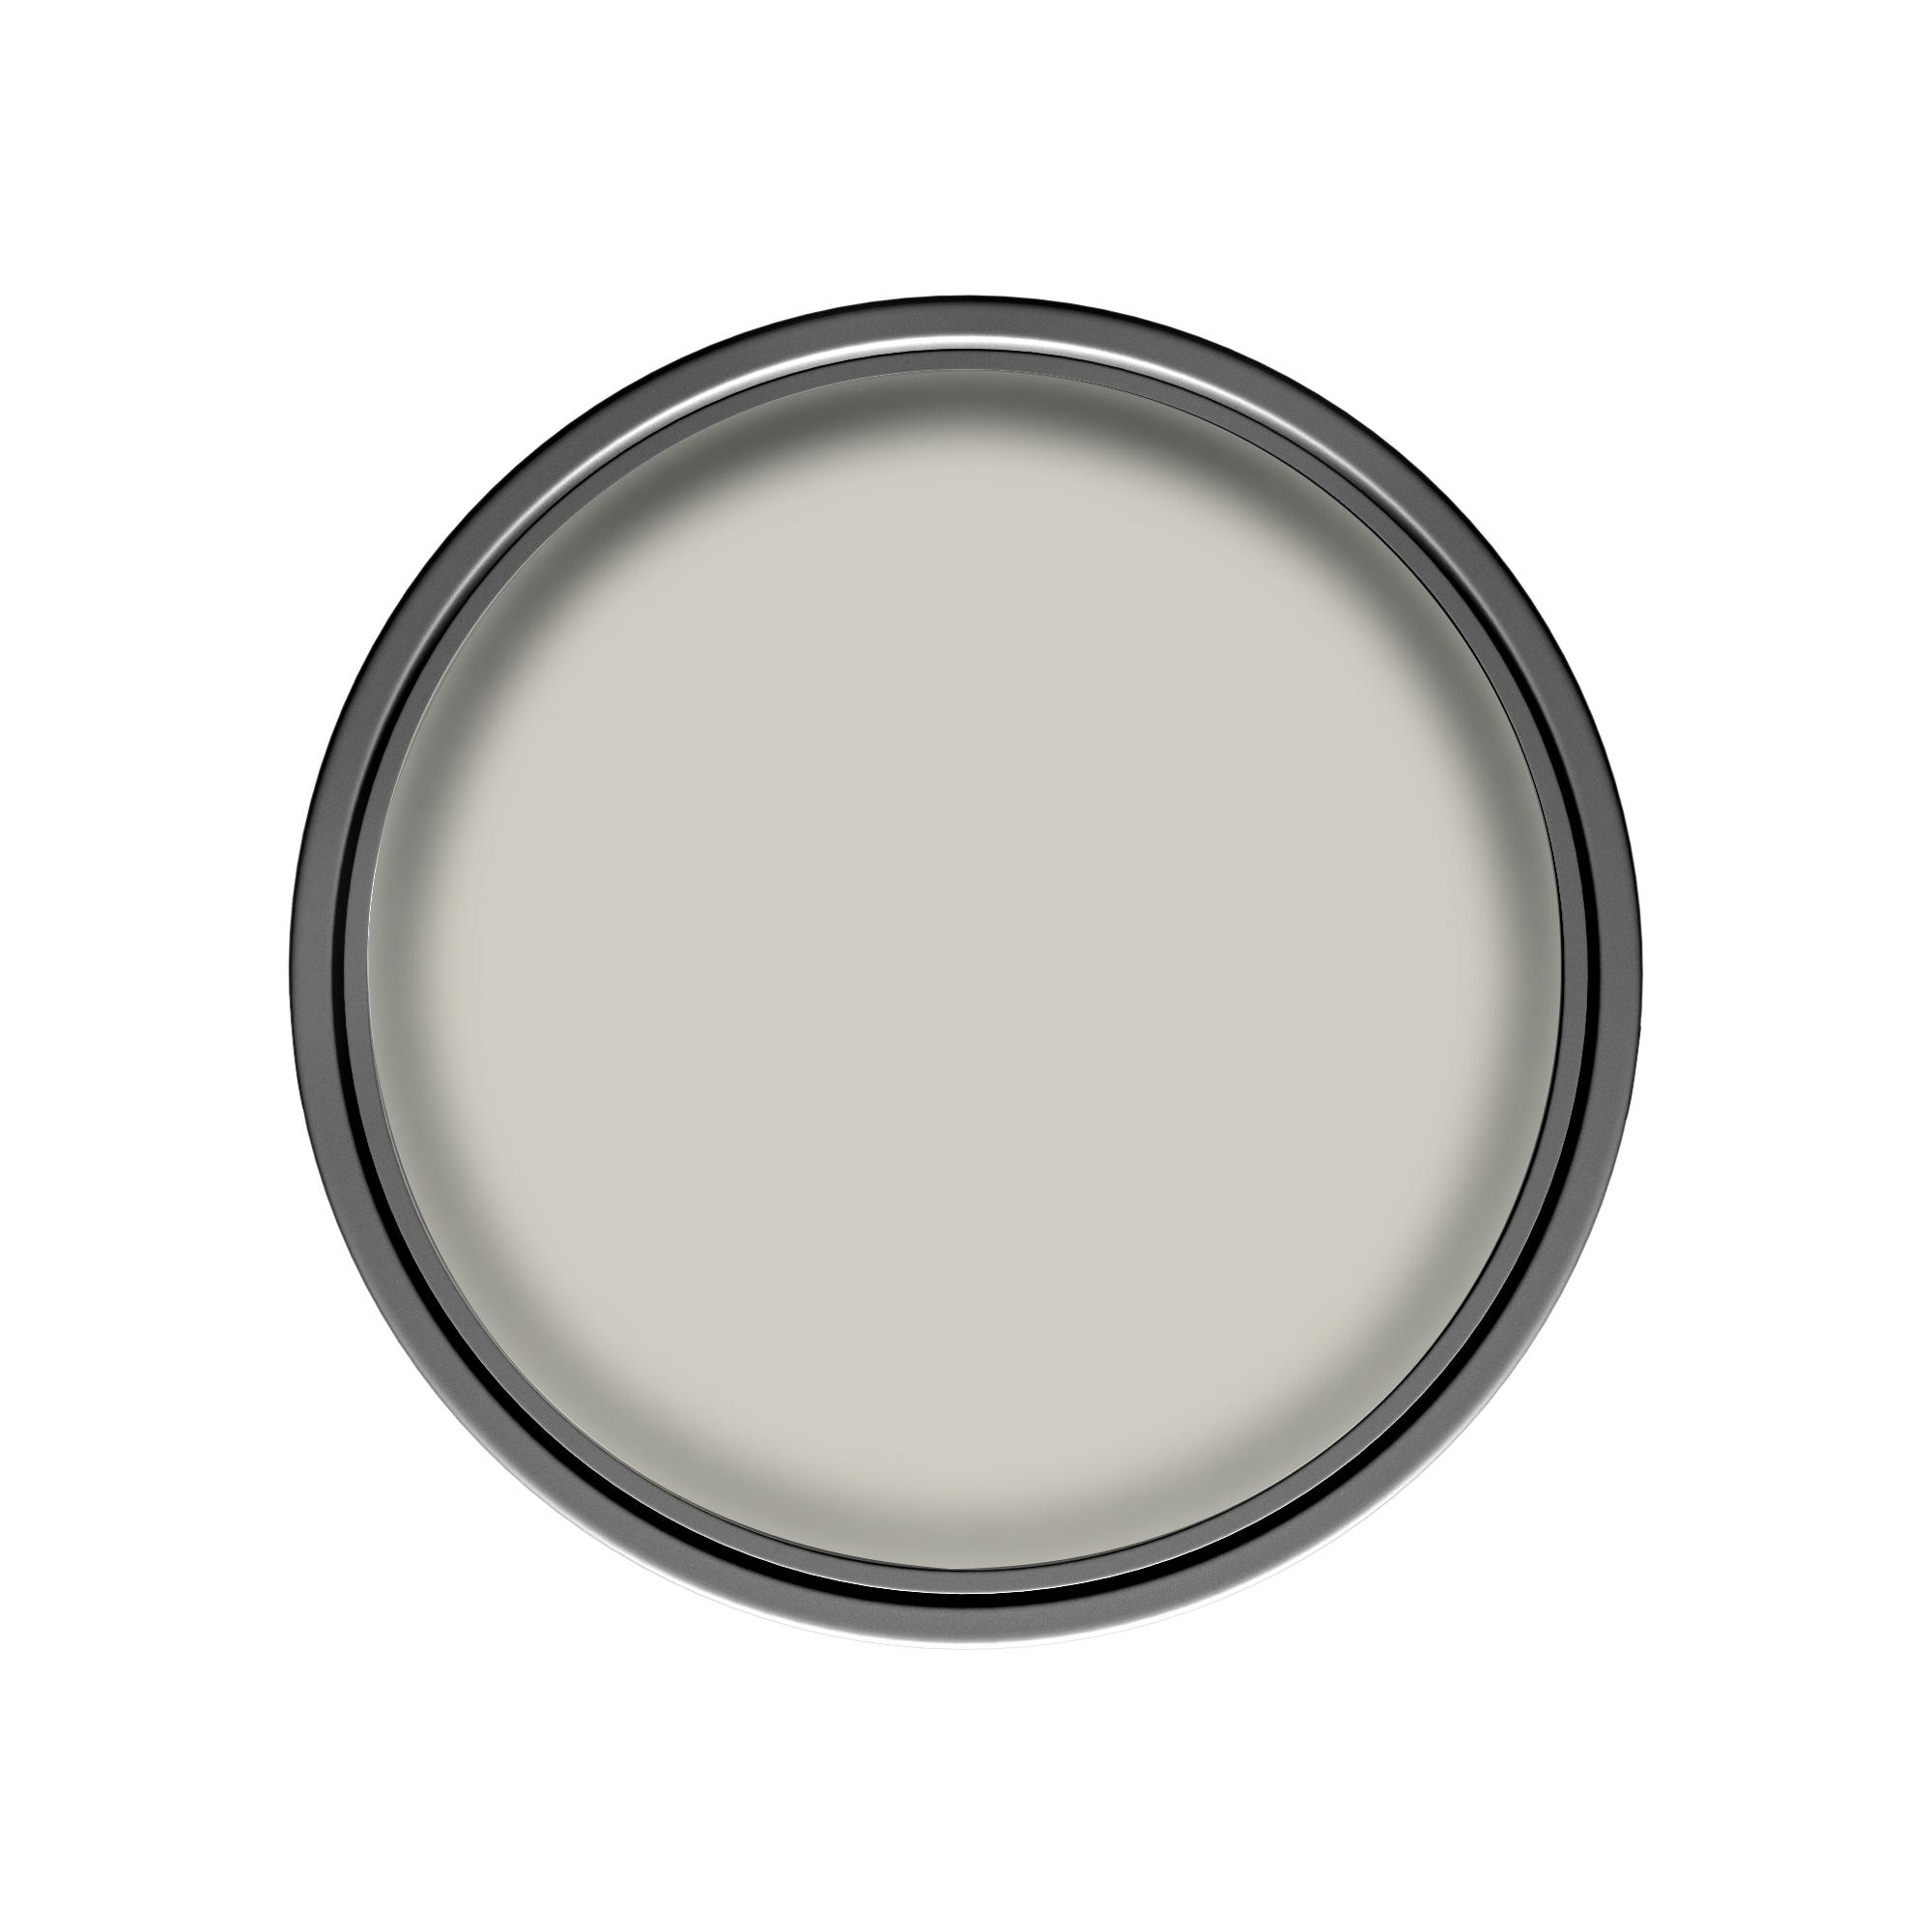 Dulux Pebble Shore Grey Paint